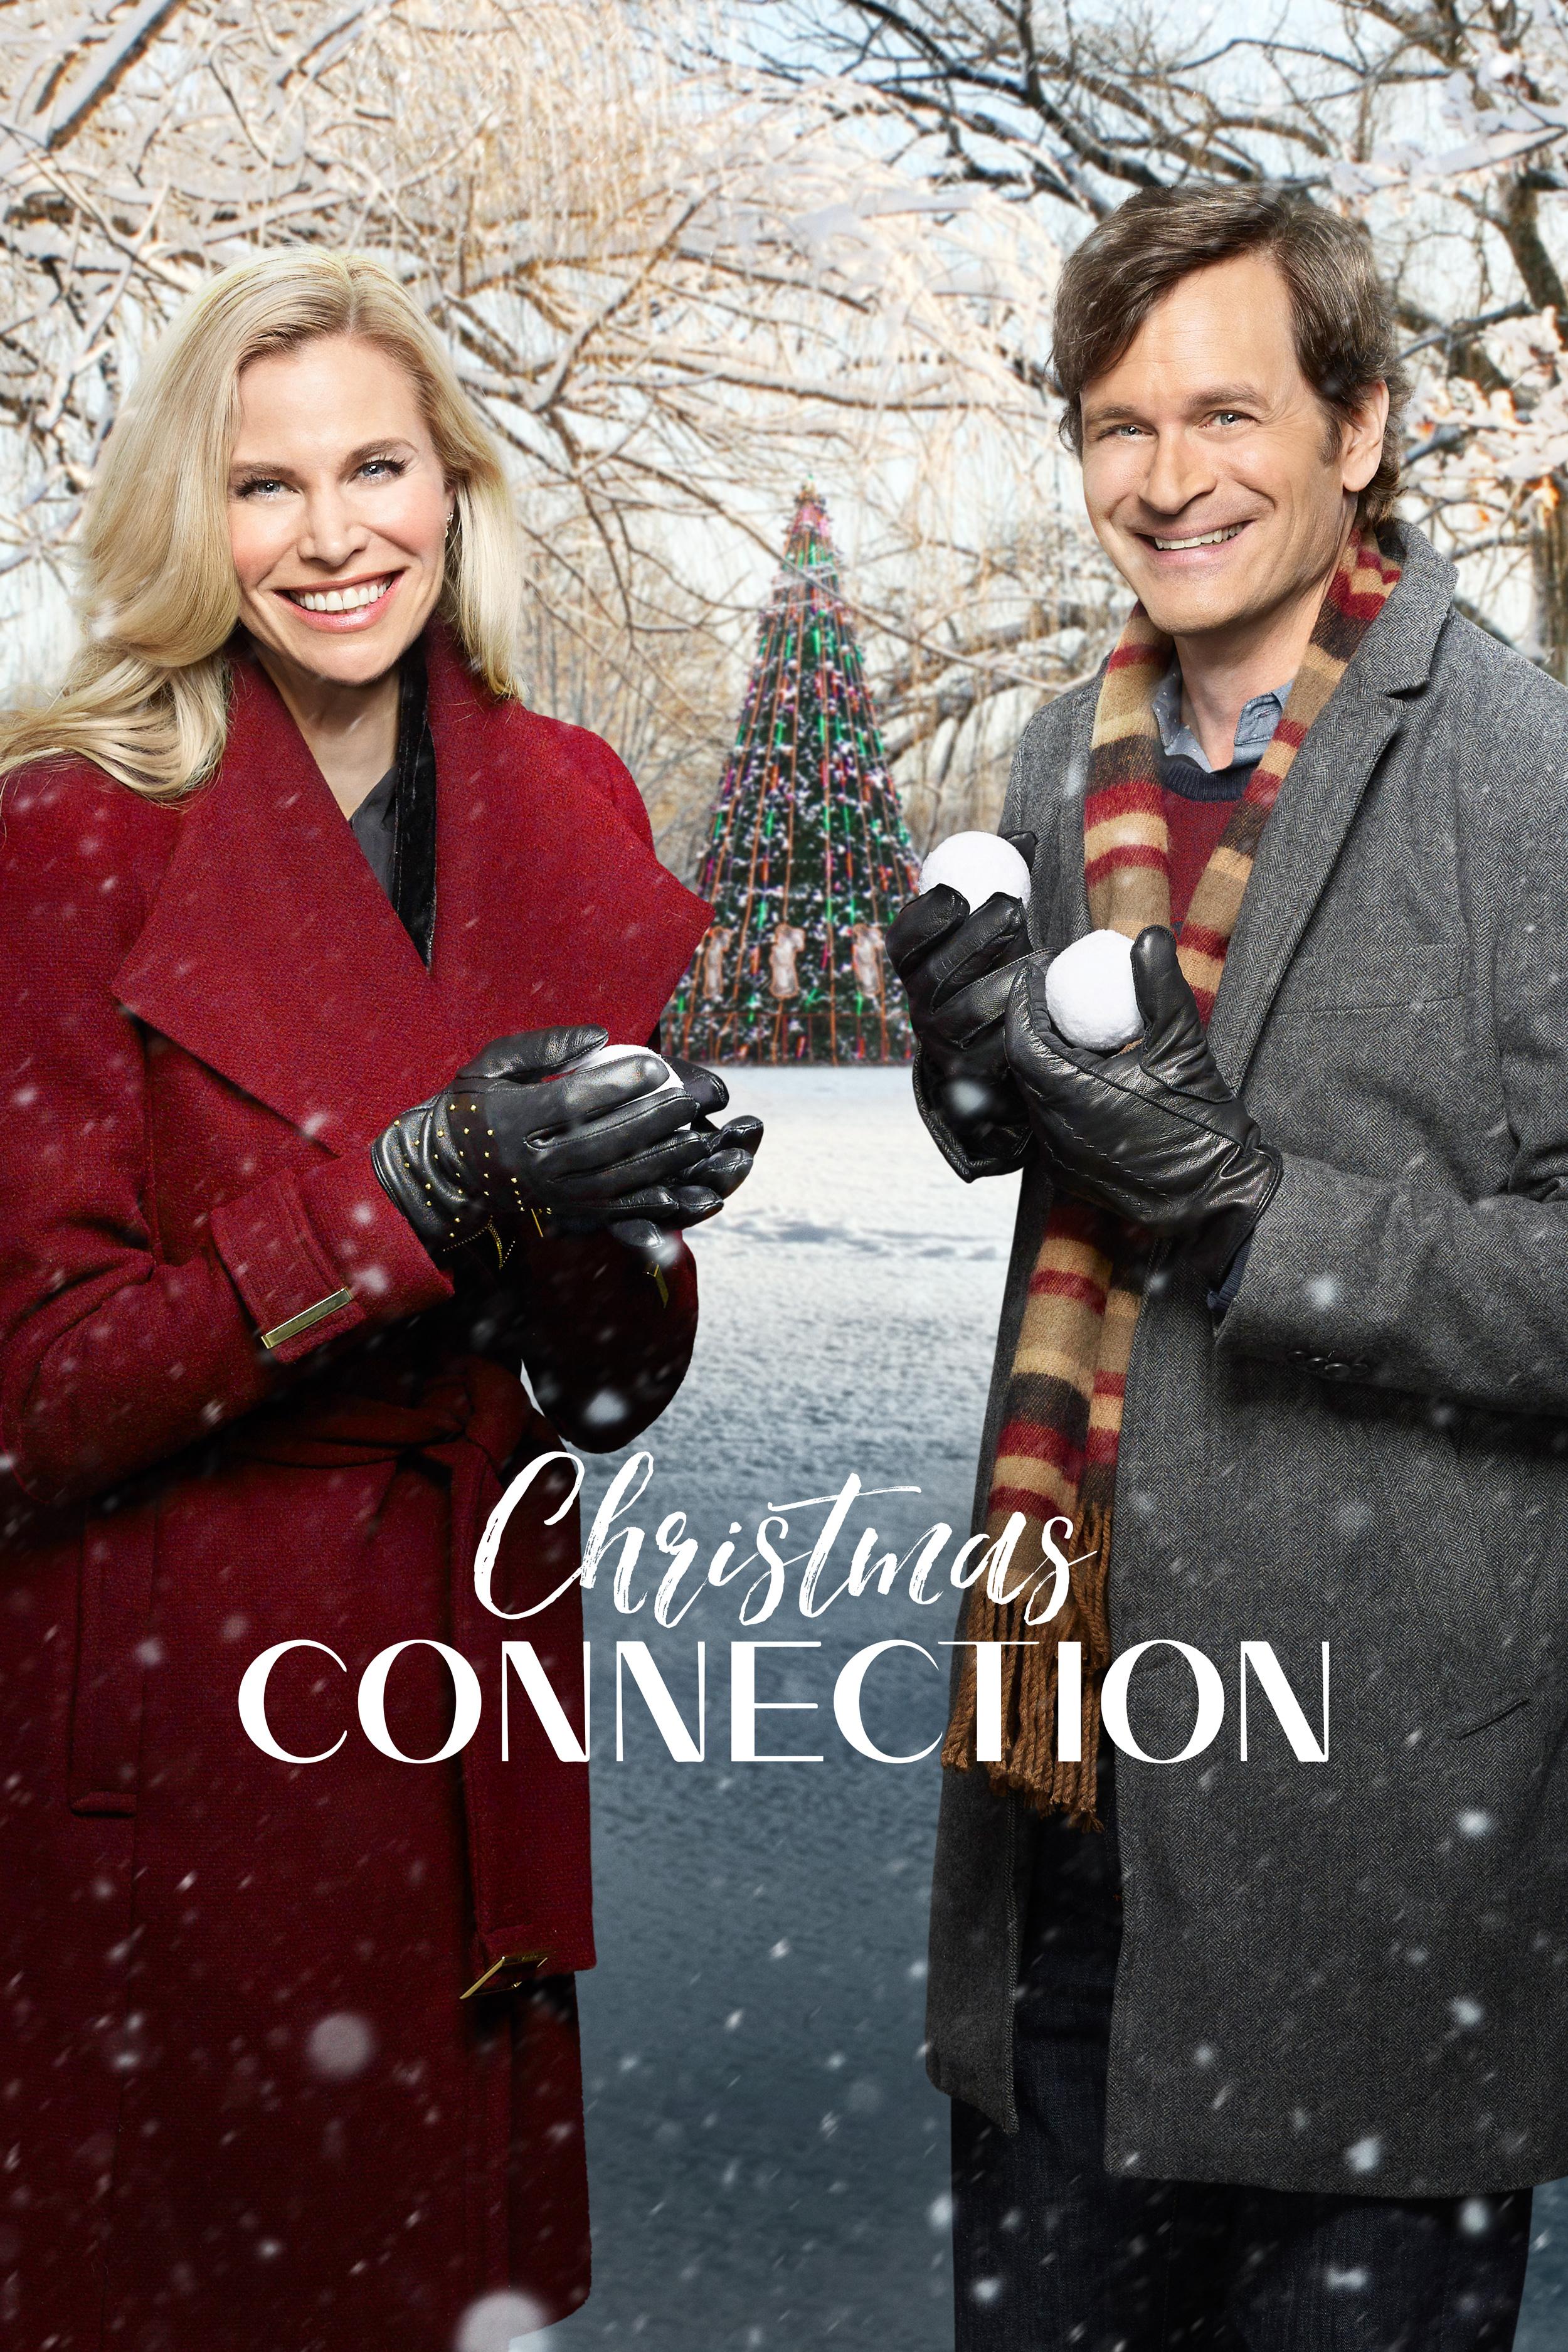 ChristmasConnection_FKA.jpg